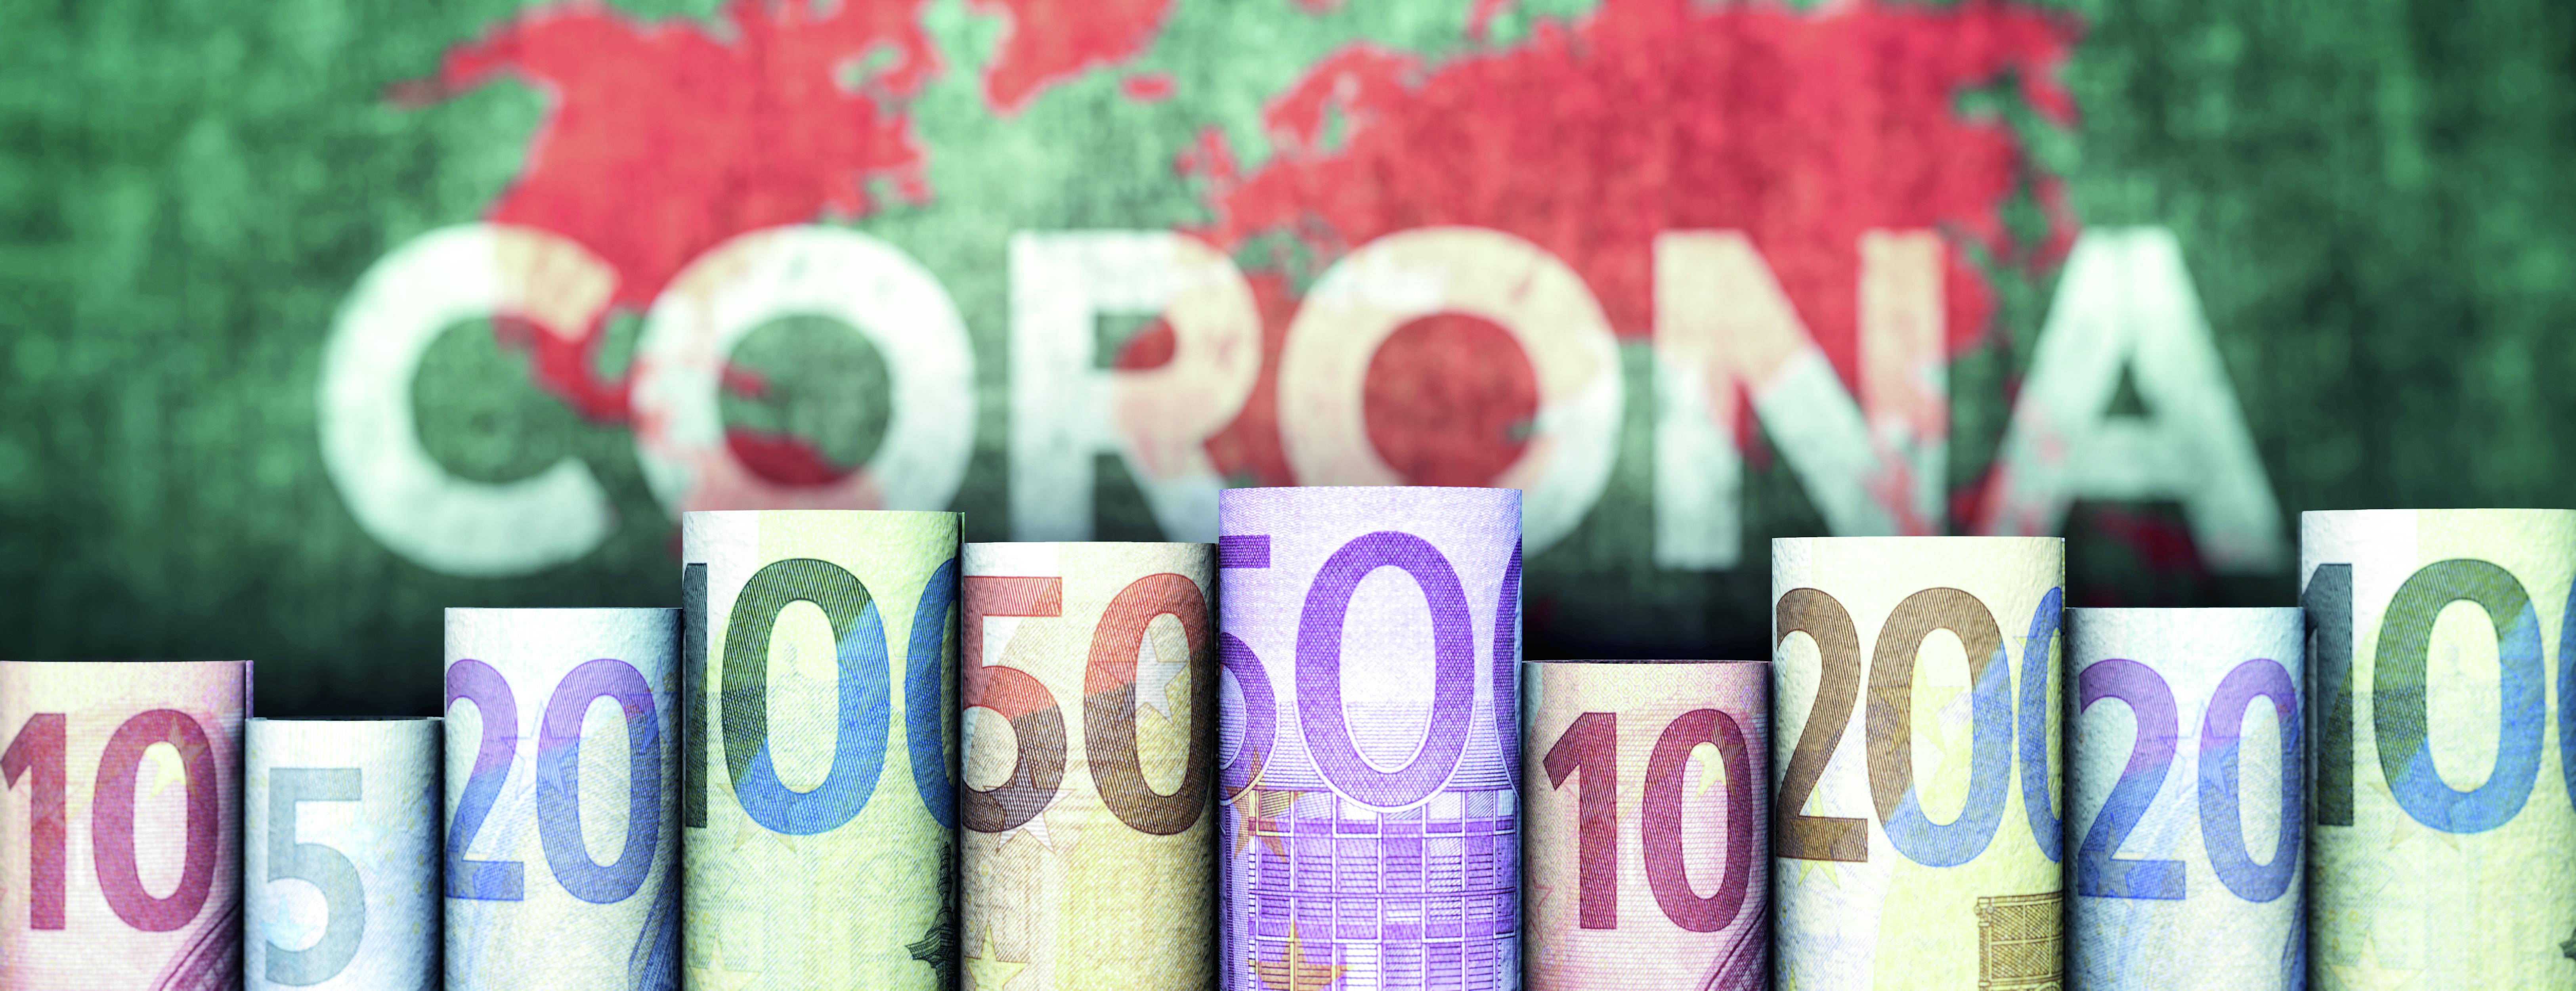 Euroscheine Corona - Autor bluedesign - Quelle Adobe Stock 329560865